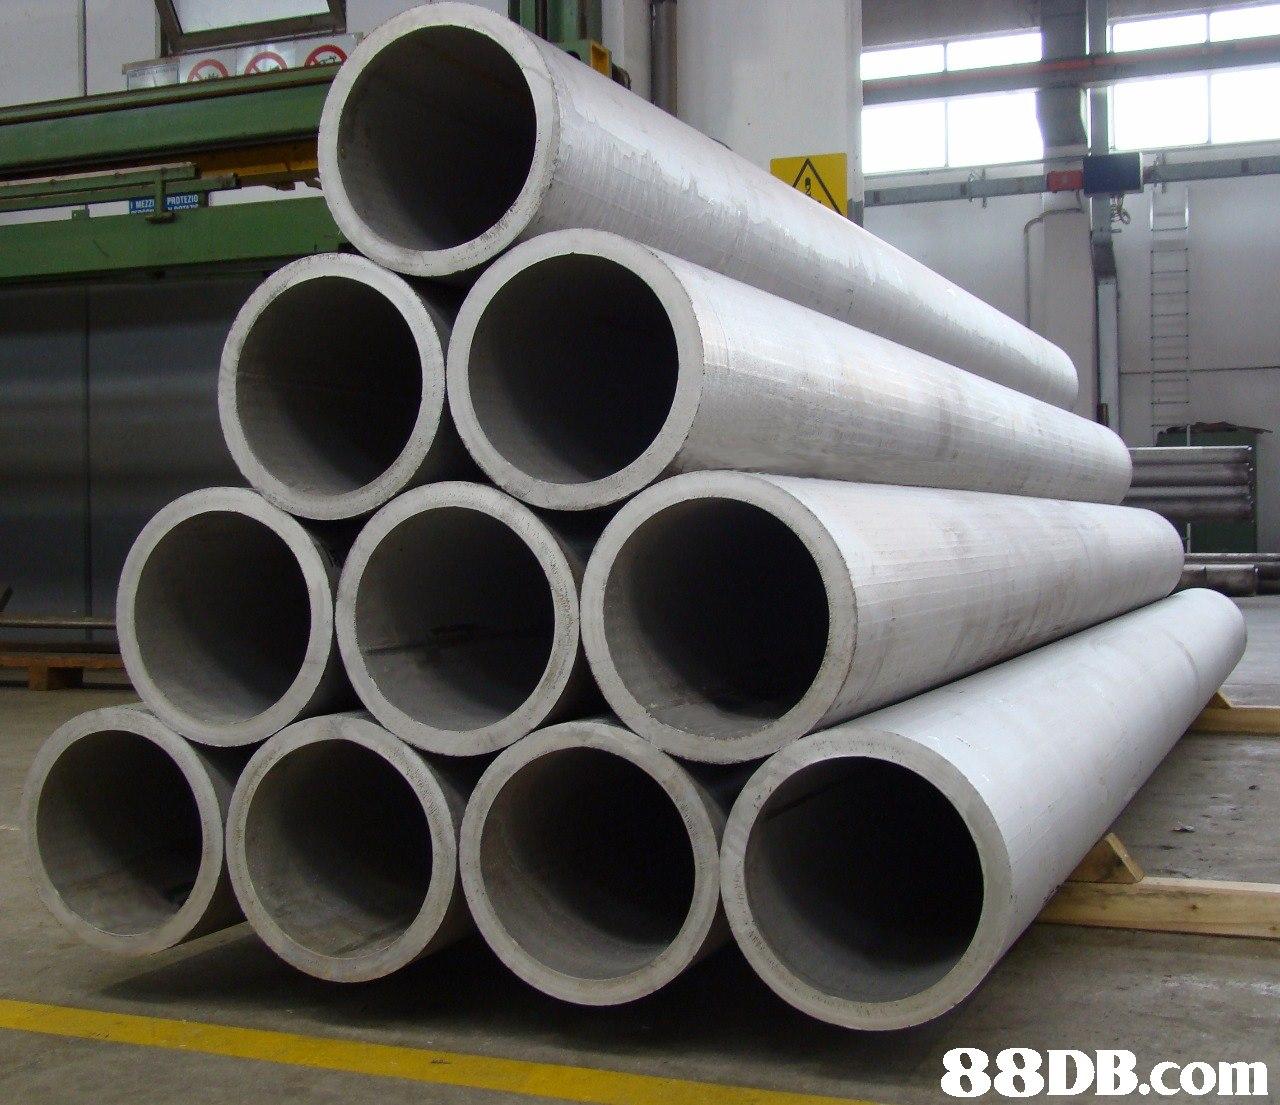 pipe,metal,hardware,steel casing pipe,steel